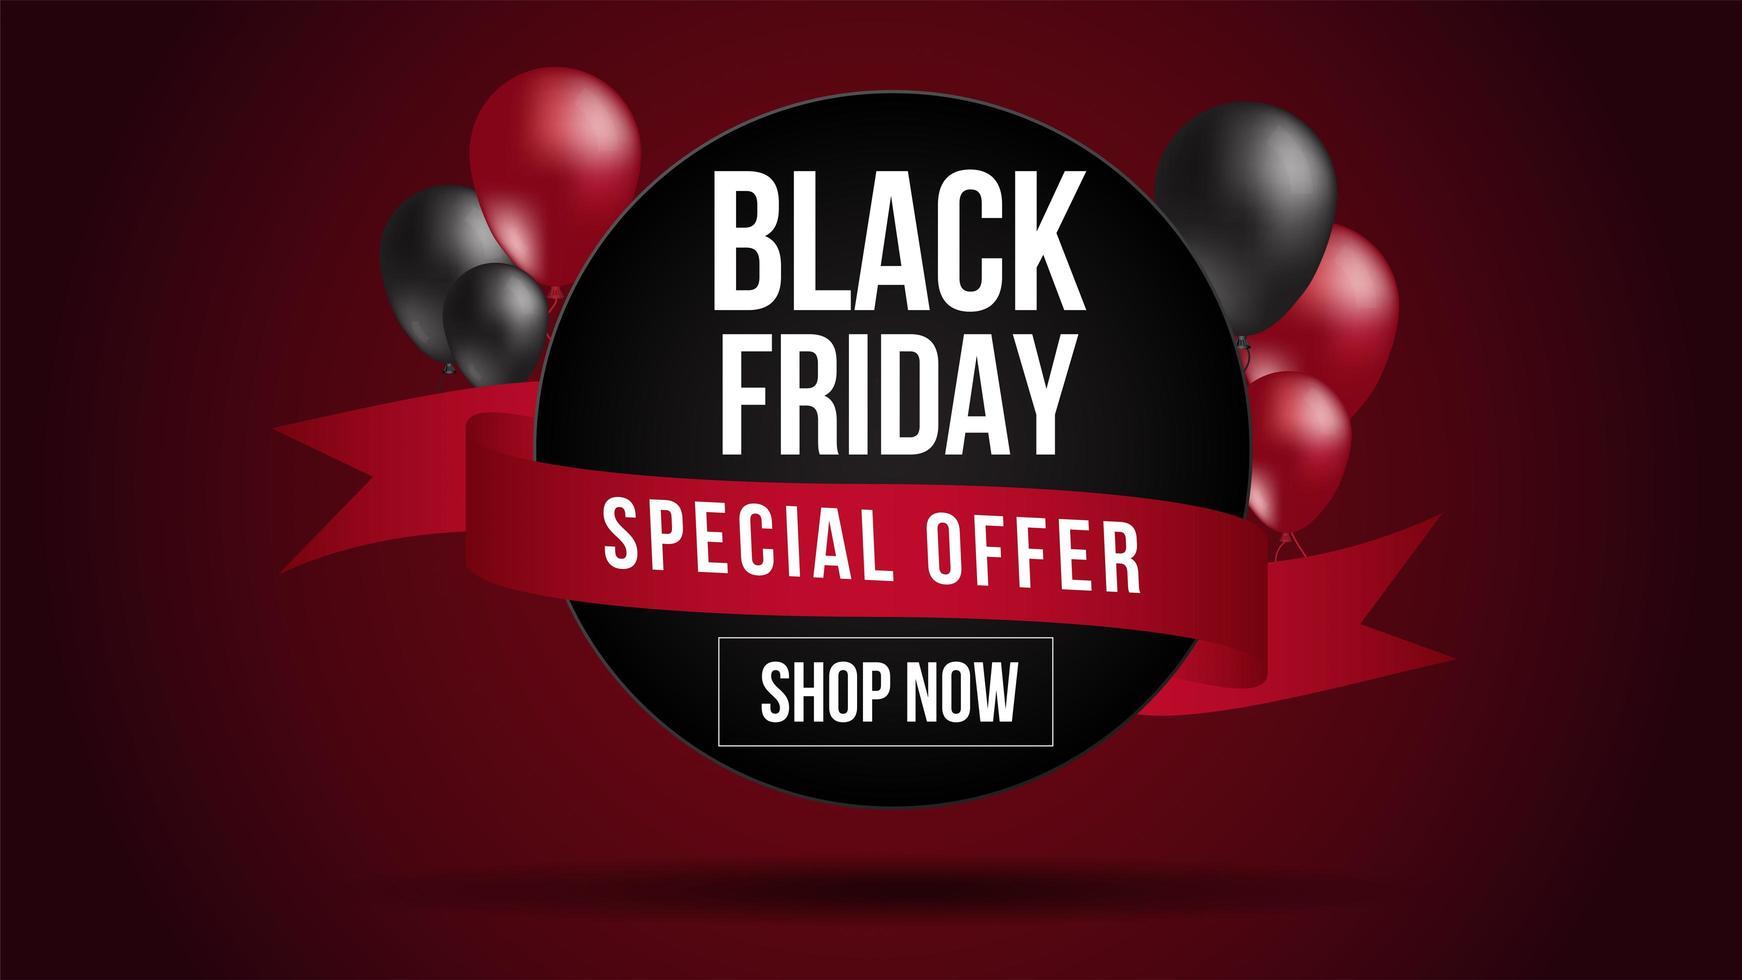 zwarte vrijdag rode en zwarte ballon verkoop banner vector